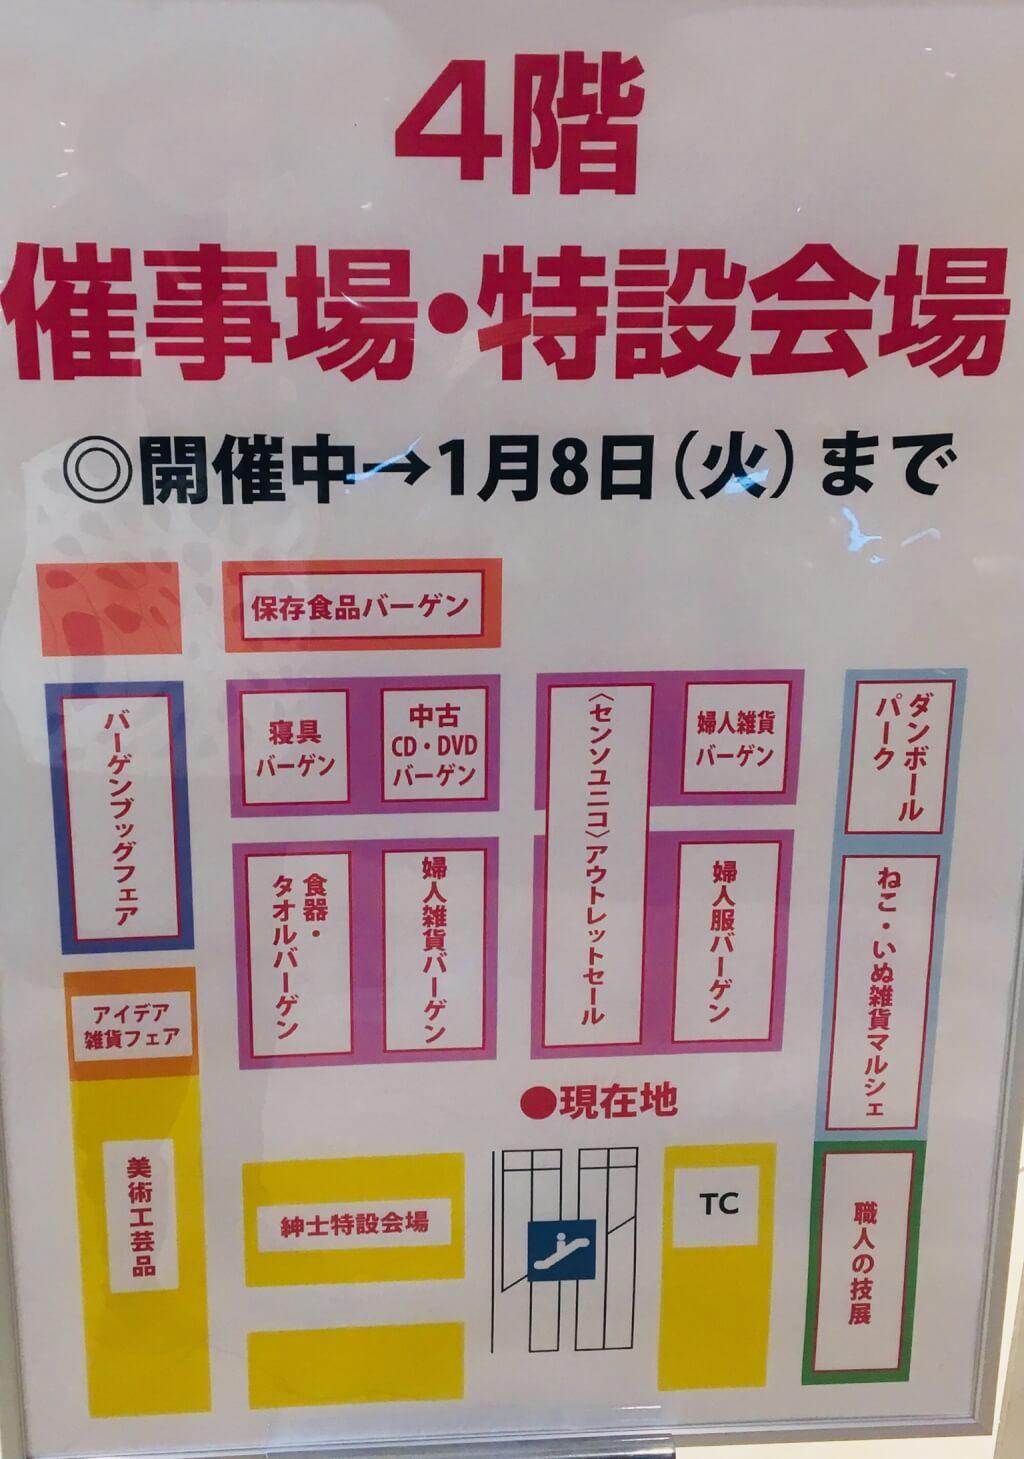 近鉄 催事マップ